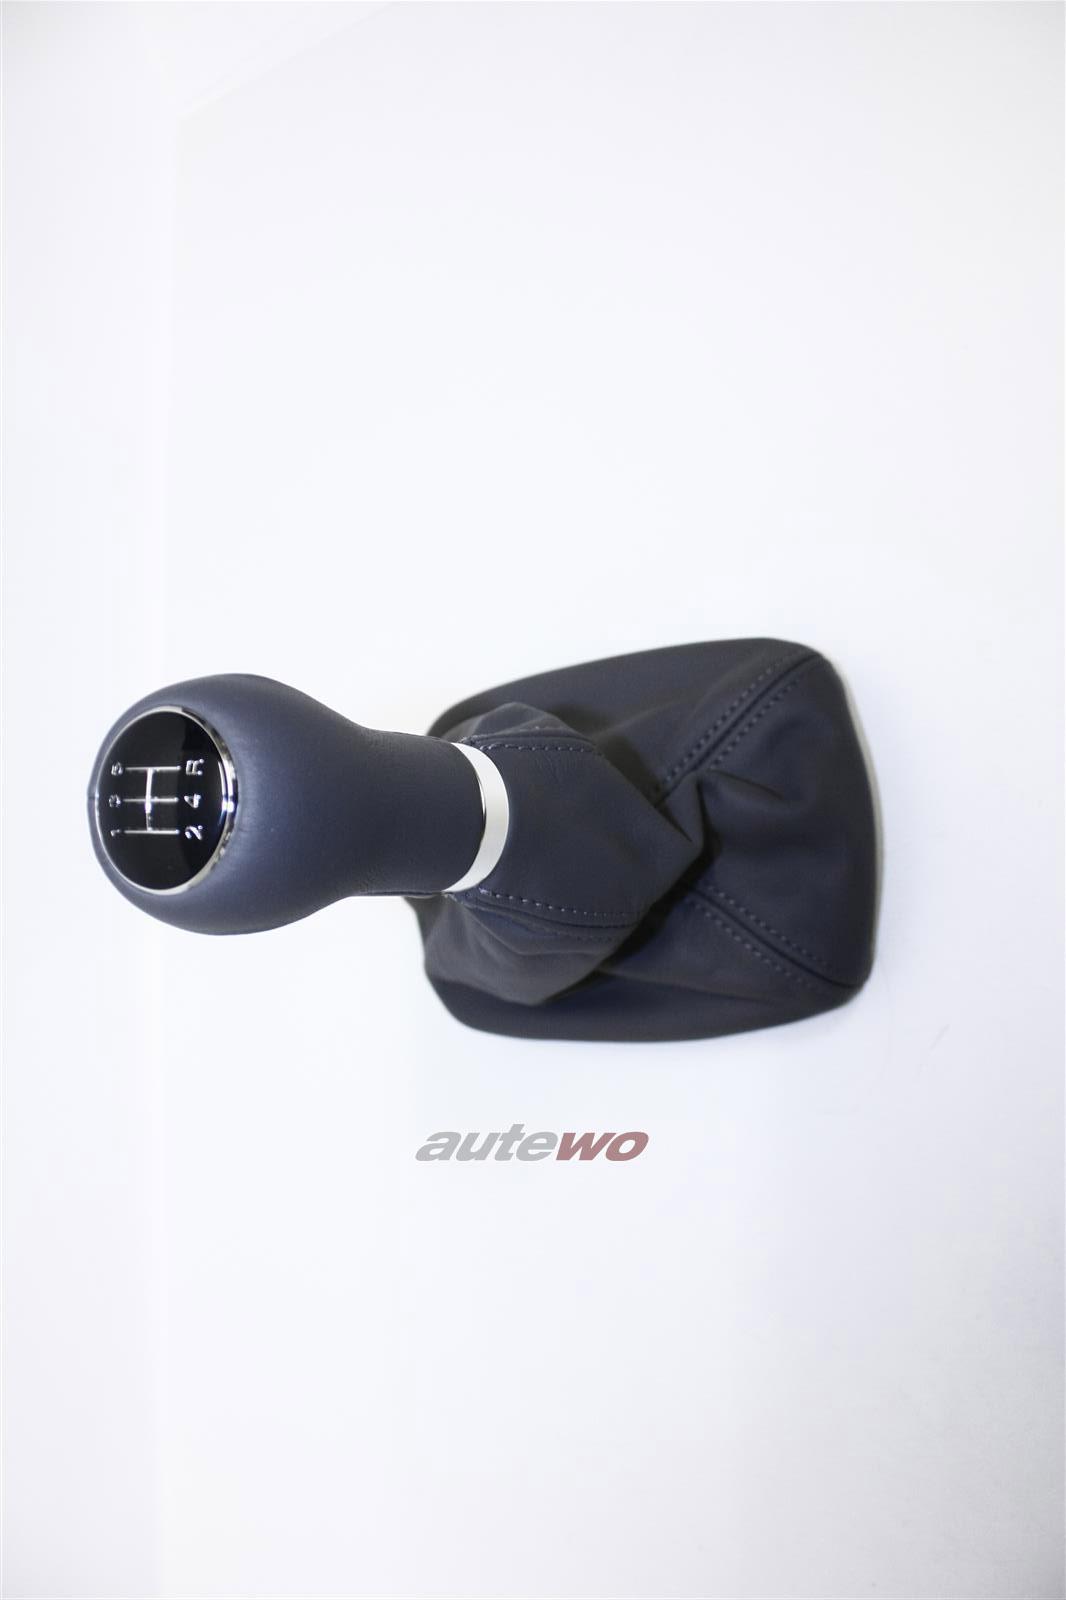 NEU! Audi A6/S6 4B Schalthebel Knopf Leder dunkelgrau 4B0863278CQ 4B0863278M